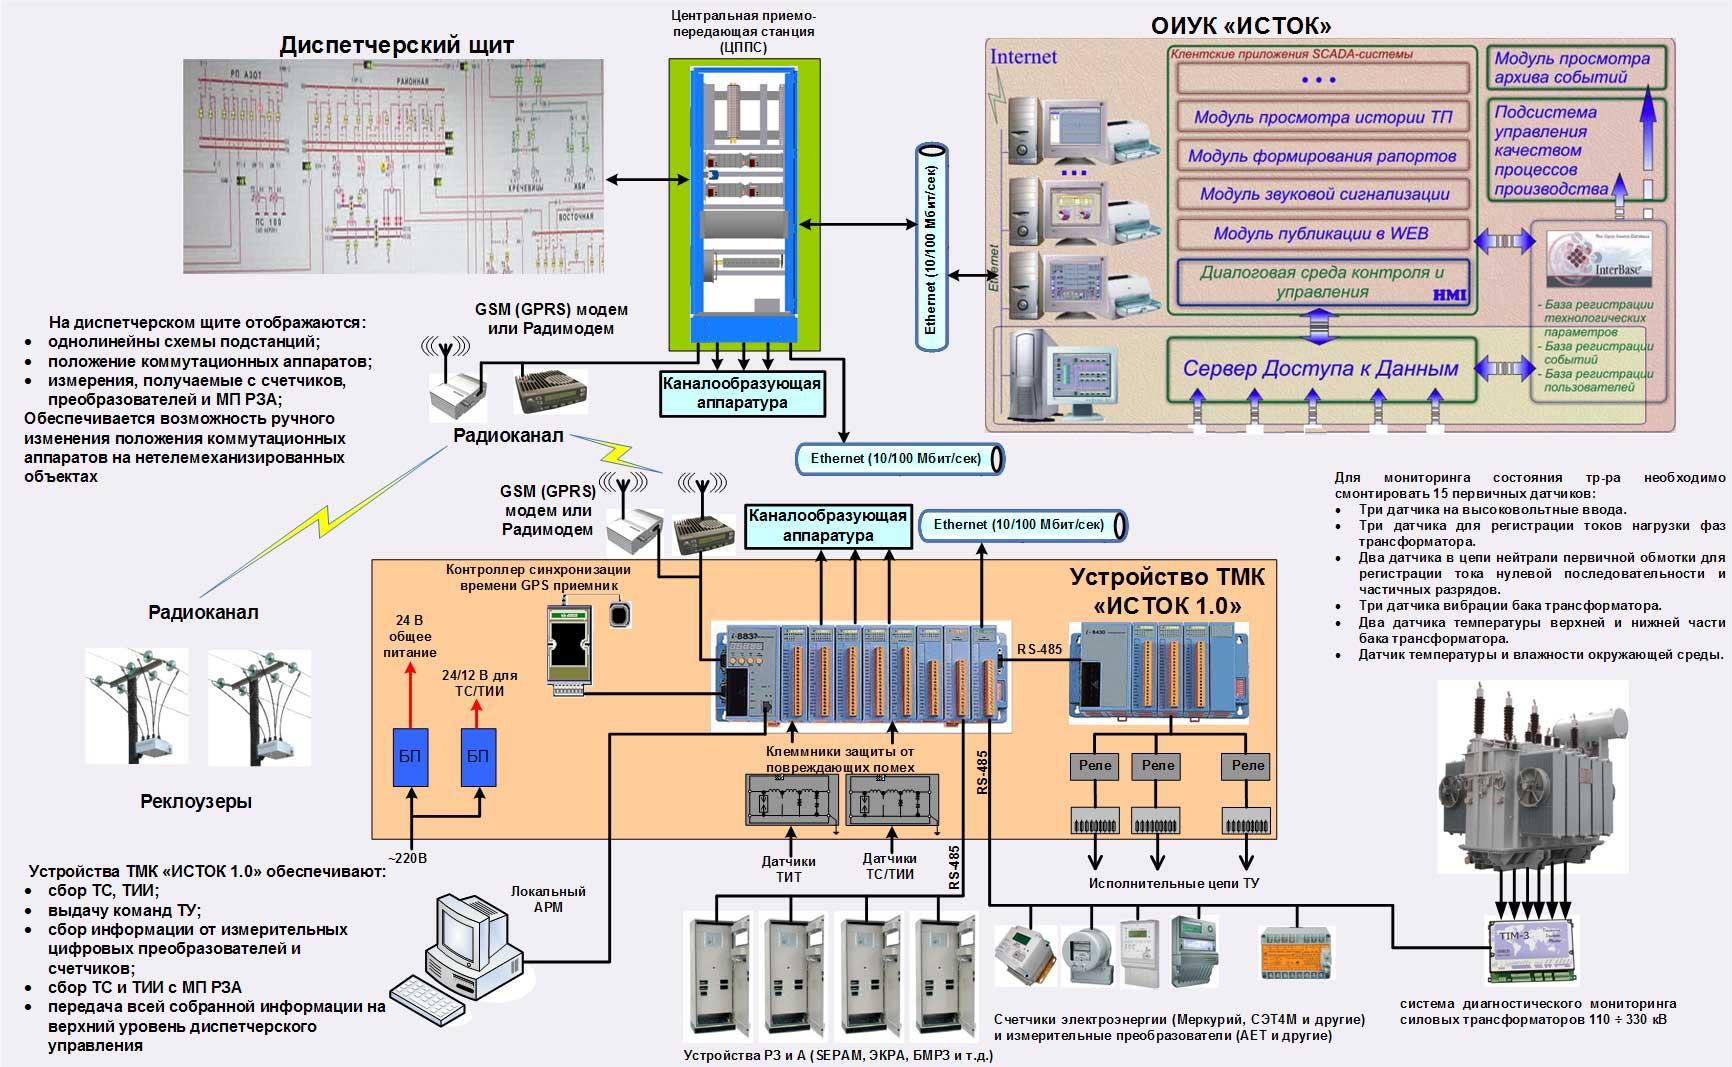 Структурная схема по автоматизации